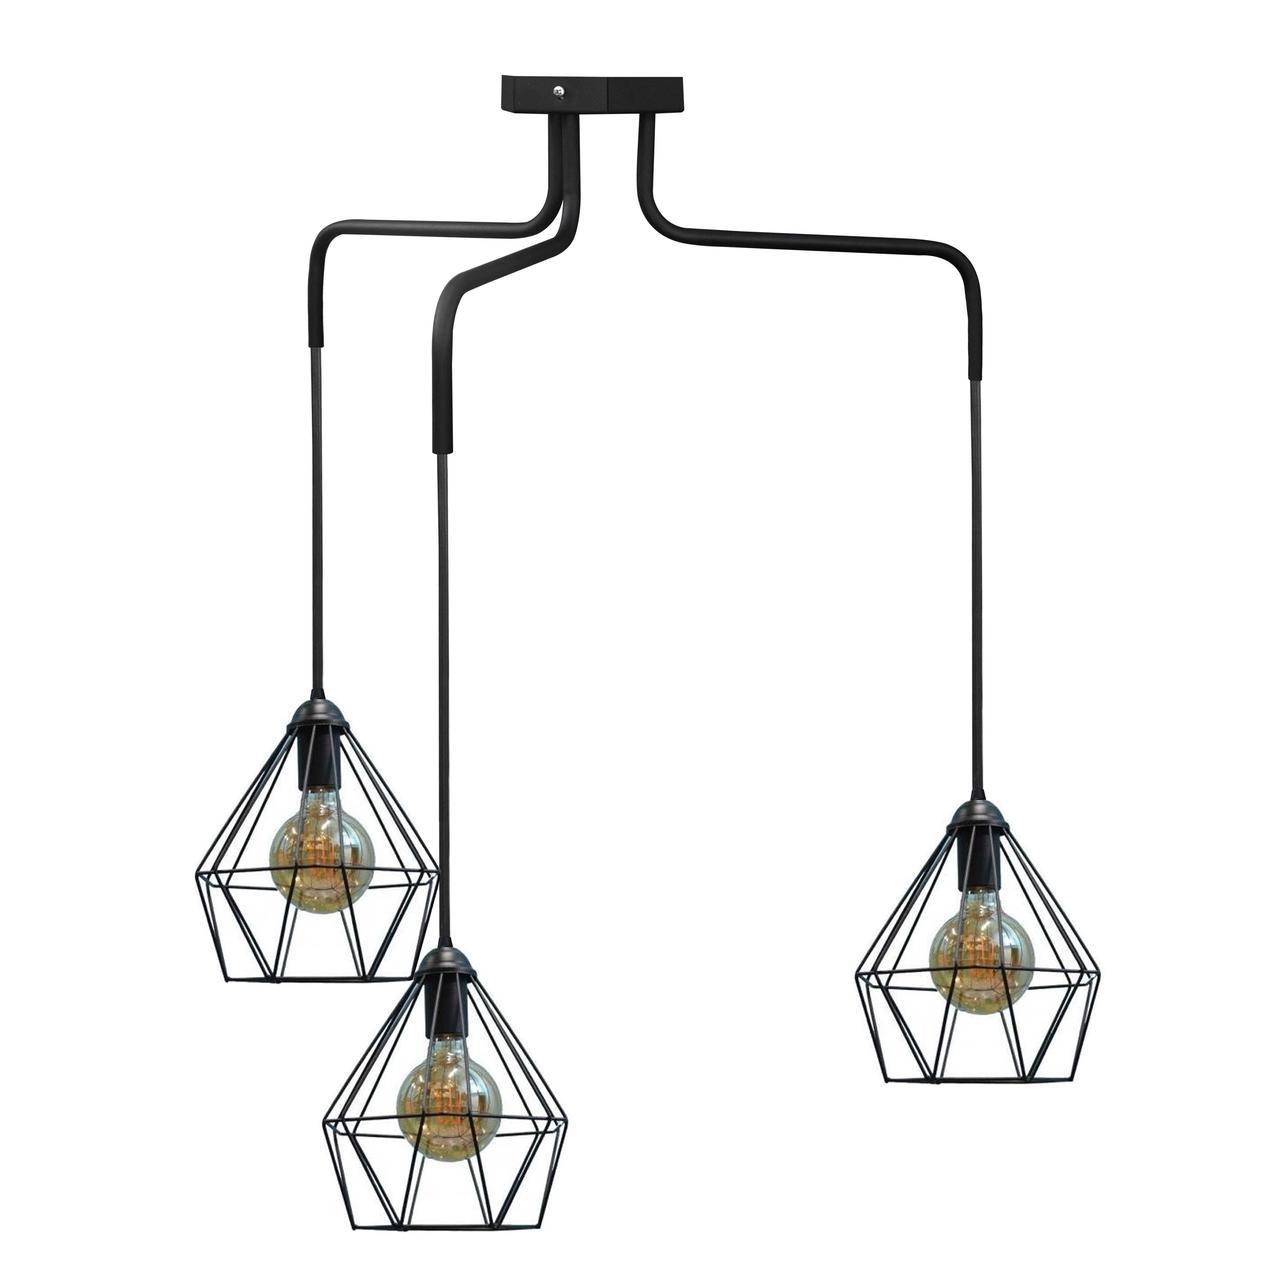 Люстра подвесная в стиле лофт на три плафона MSK Electric NL 10537-3